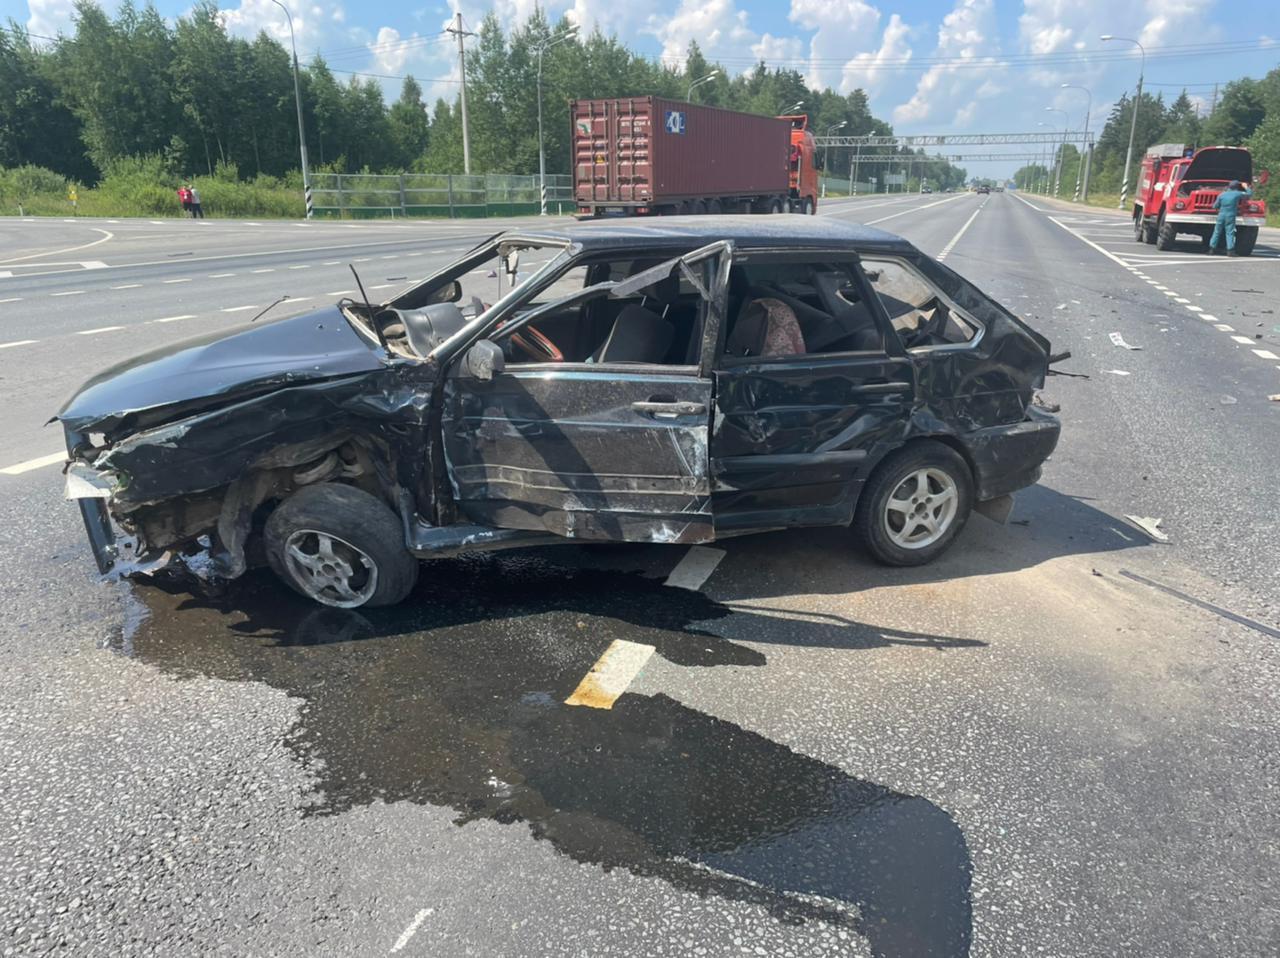 Появились подробности аварии в Тверской области, в которой серьёзно пострадала 11-летняя девочка